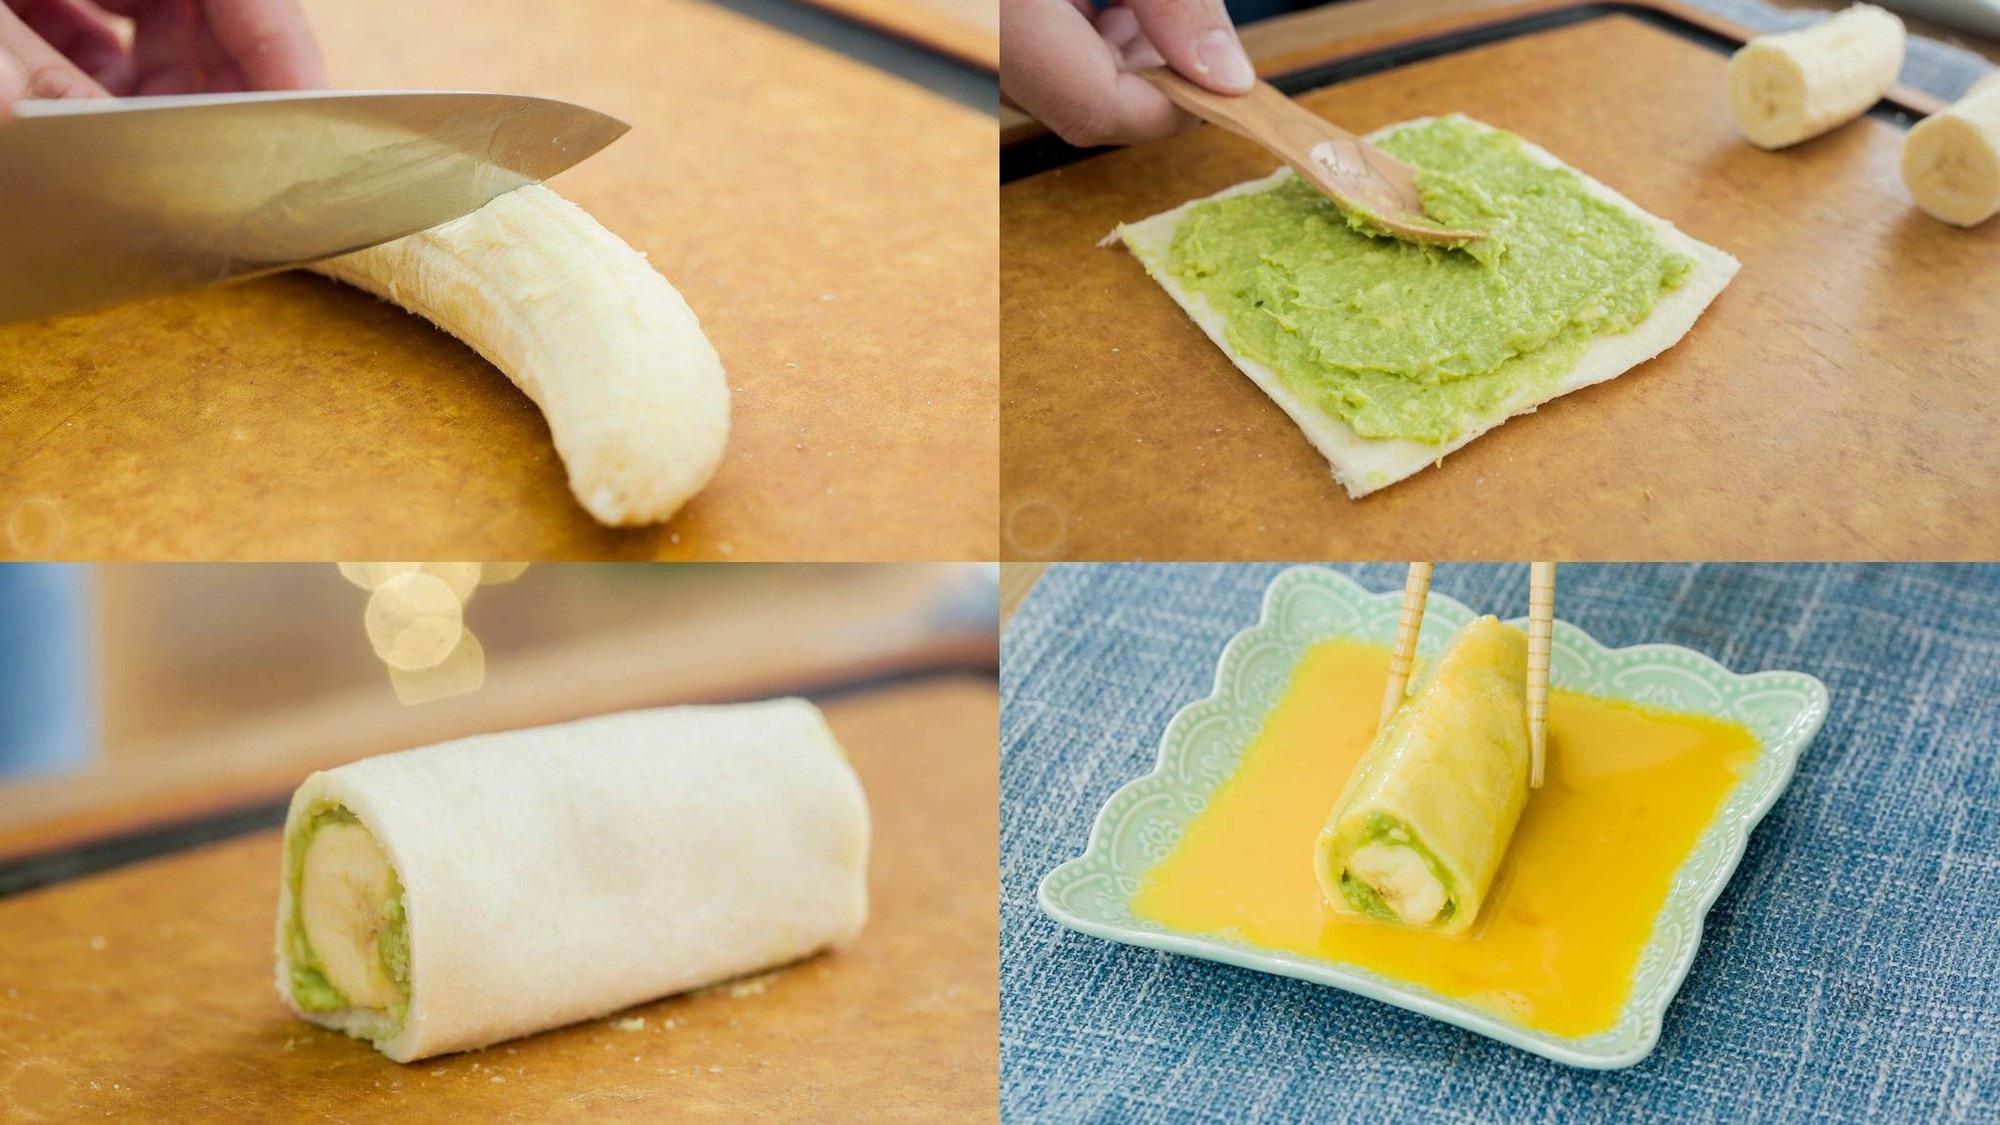 Bữa sáng ngon đẹp hết nấc với bánh mì cuộn chuối - Ảnh 2